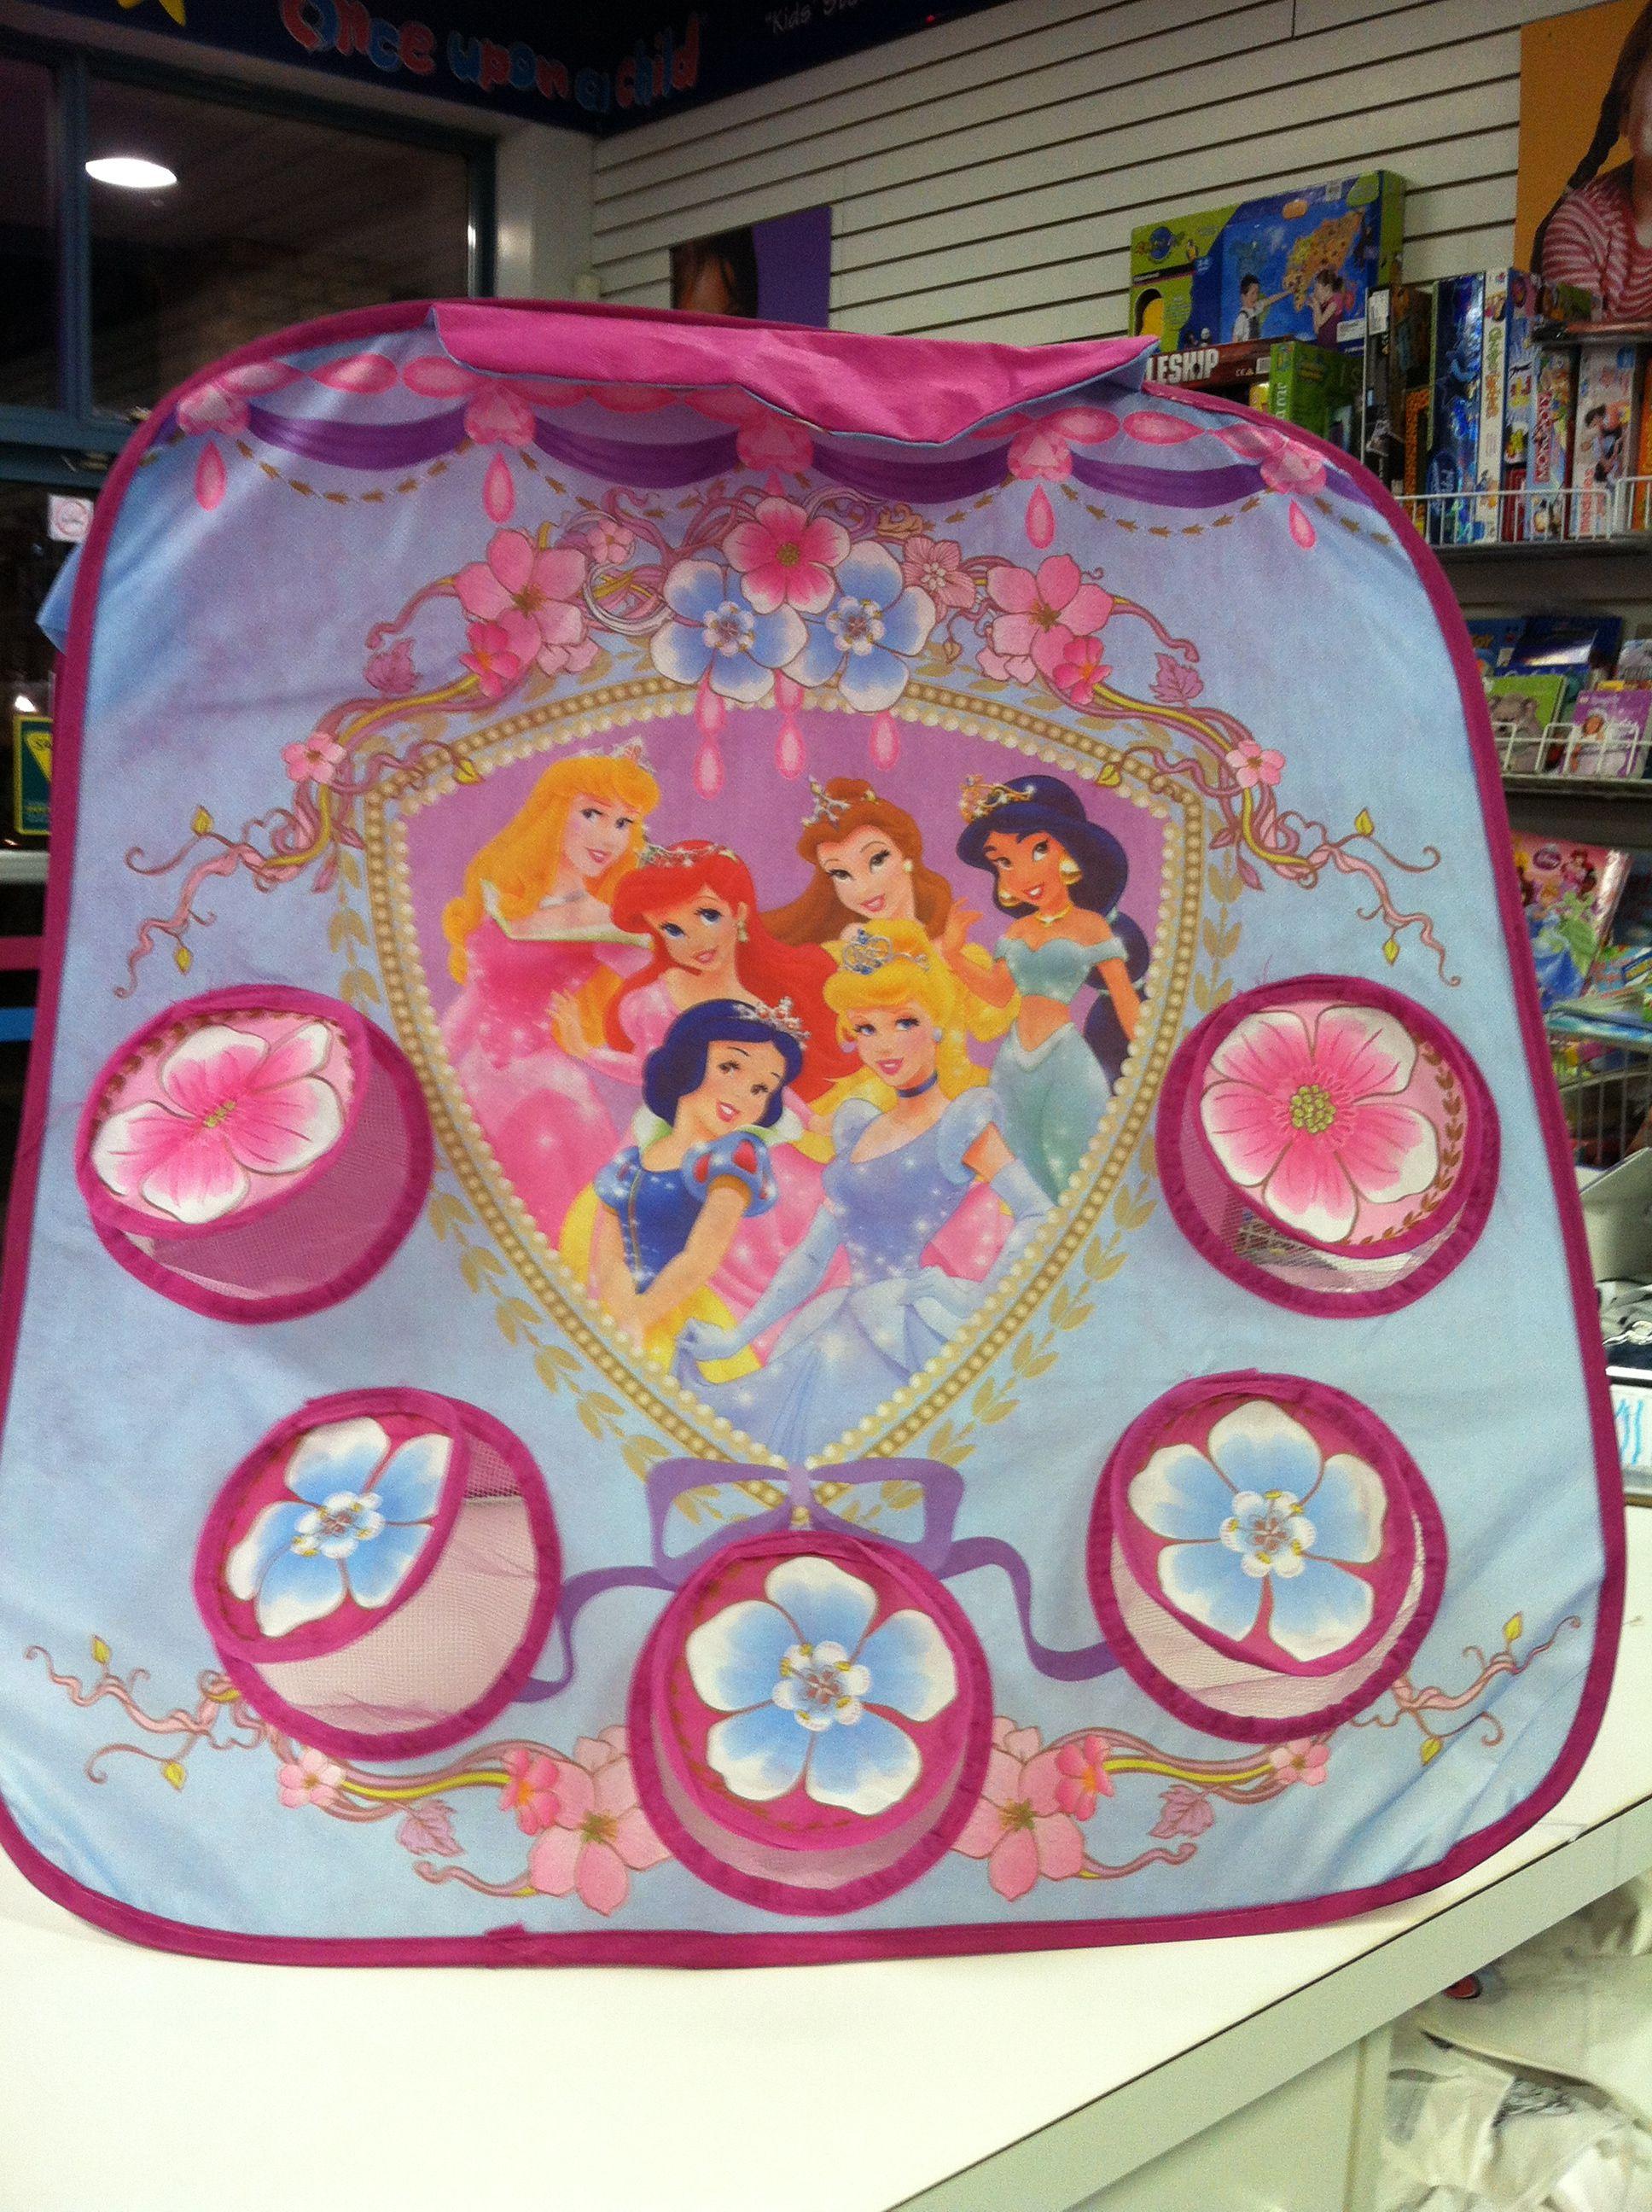 Disney Princess Pop Bean Bag Toss Game 6.50 Great